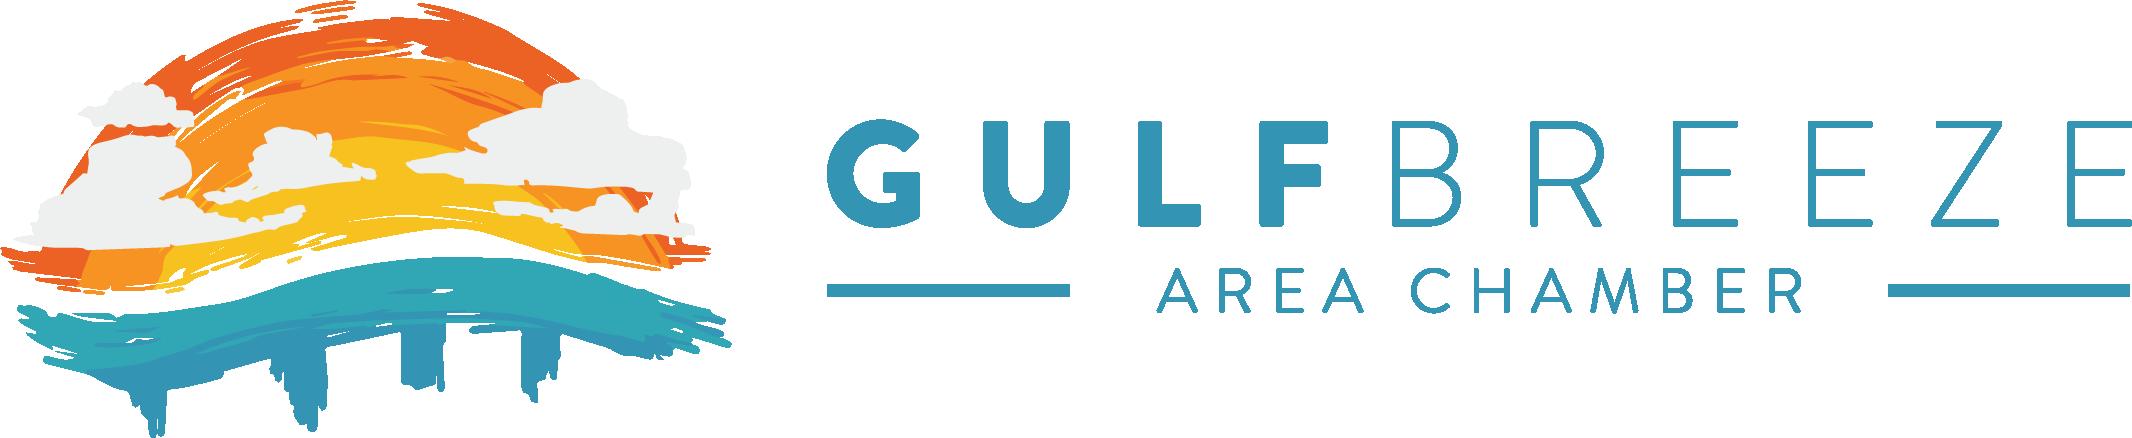 Gulf Breeze Chamber